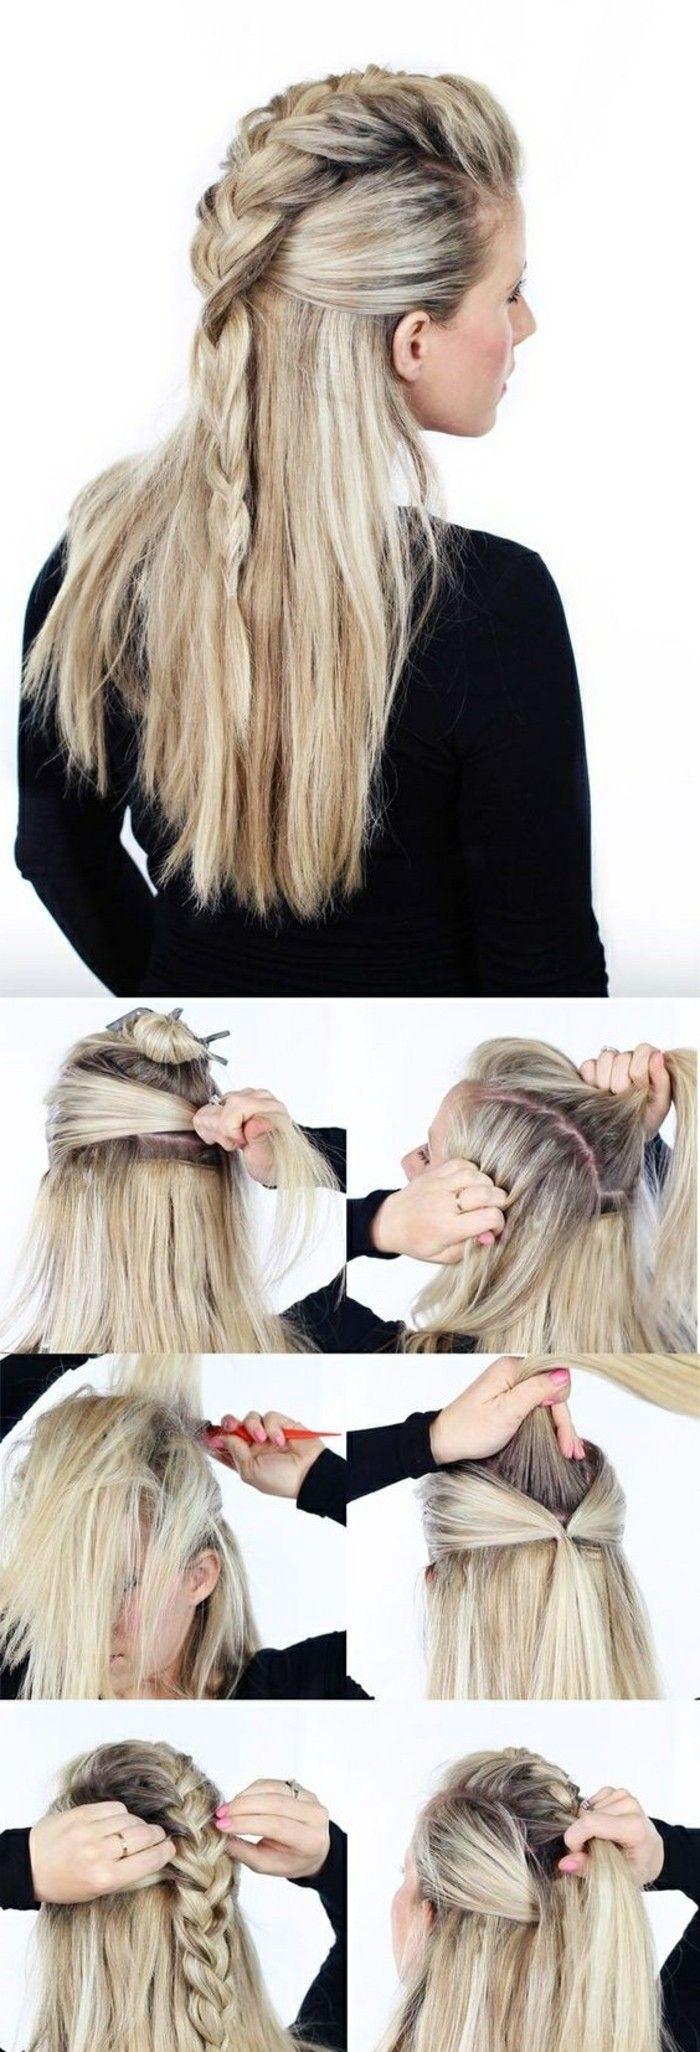 Schnelle Frisuren Mittellange Blonde Glatte Haare Zopf Frisieren